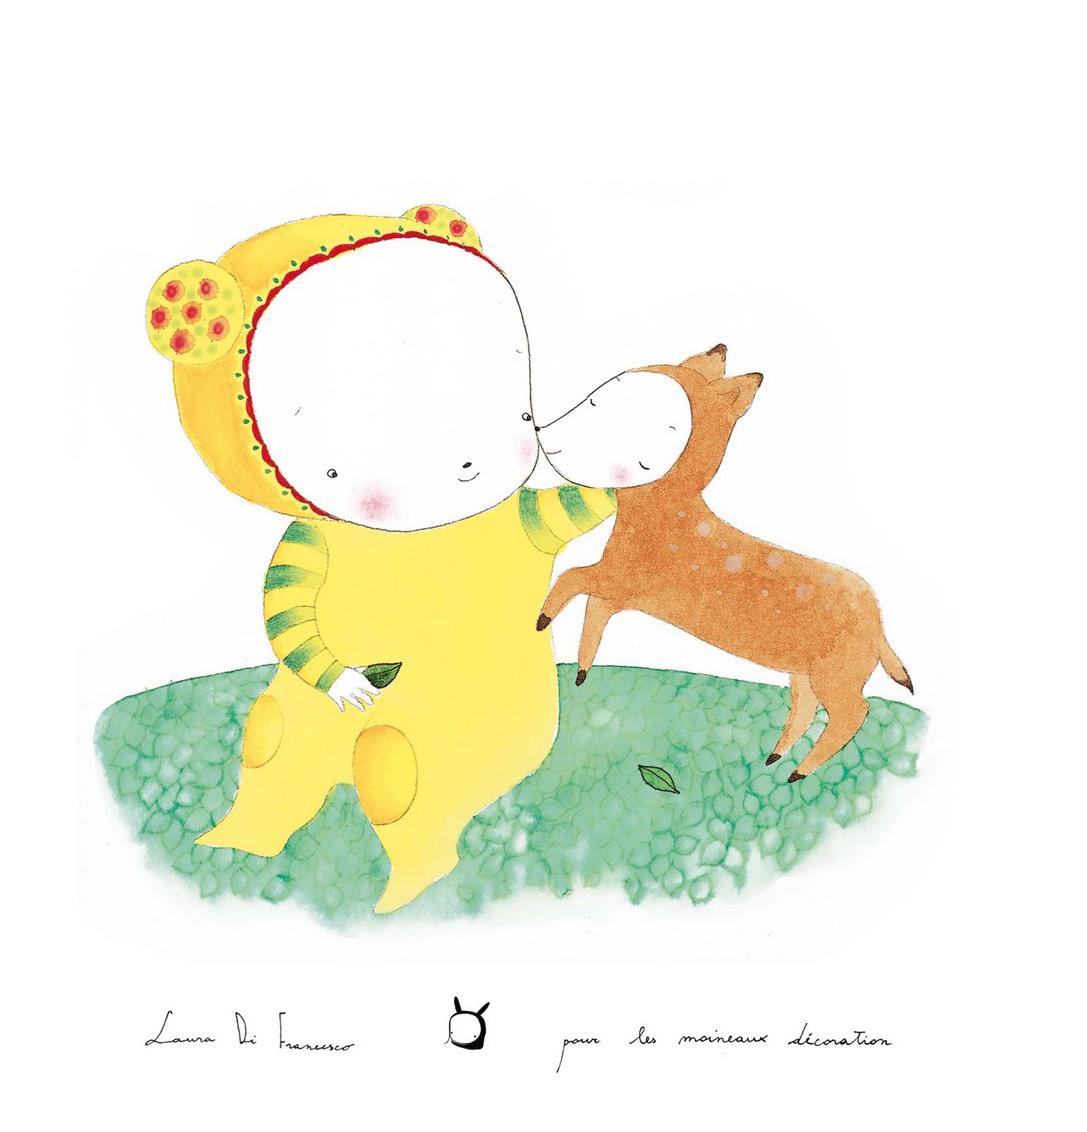 Ami faon poster A3 LAURA DI FRANCESCO   Intervista attraverso le sue magiche illustrazioni